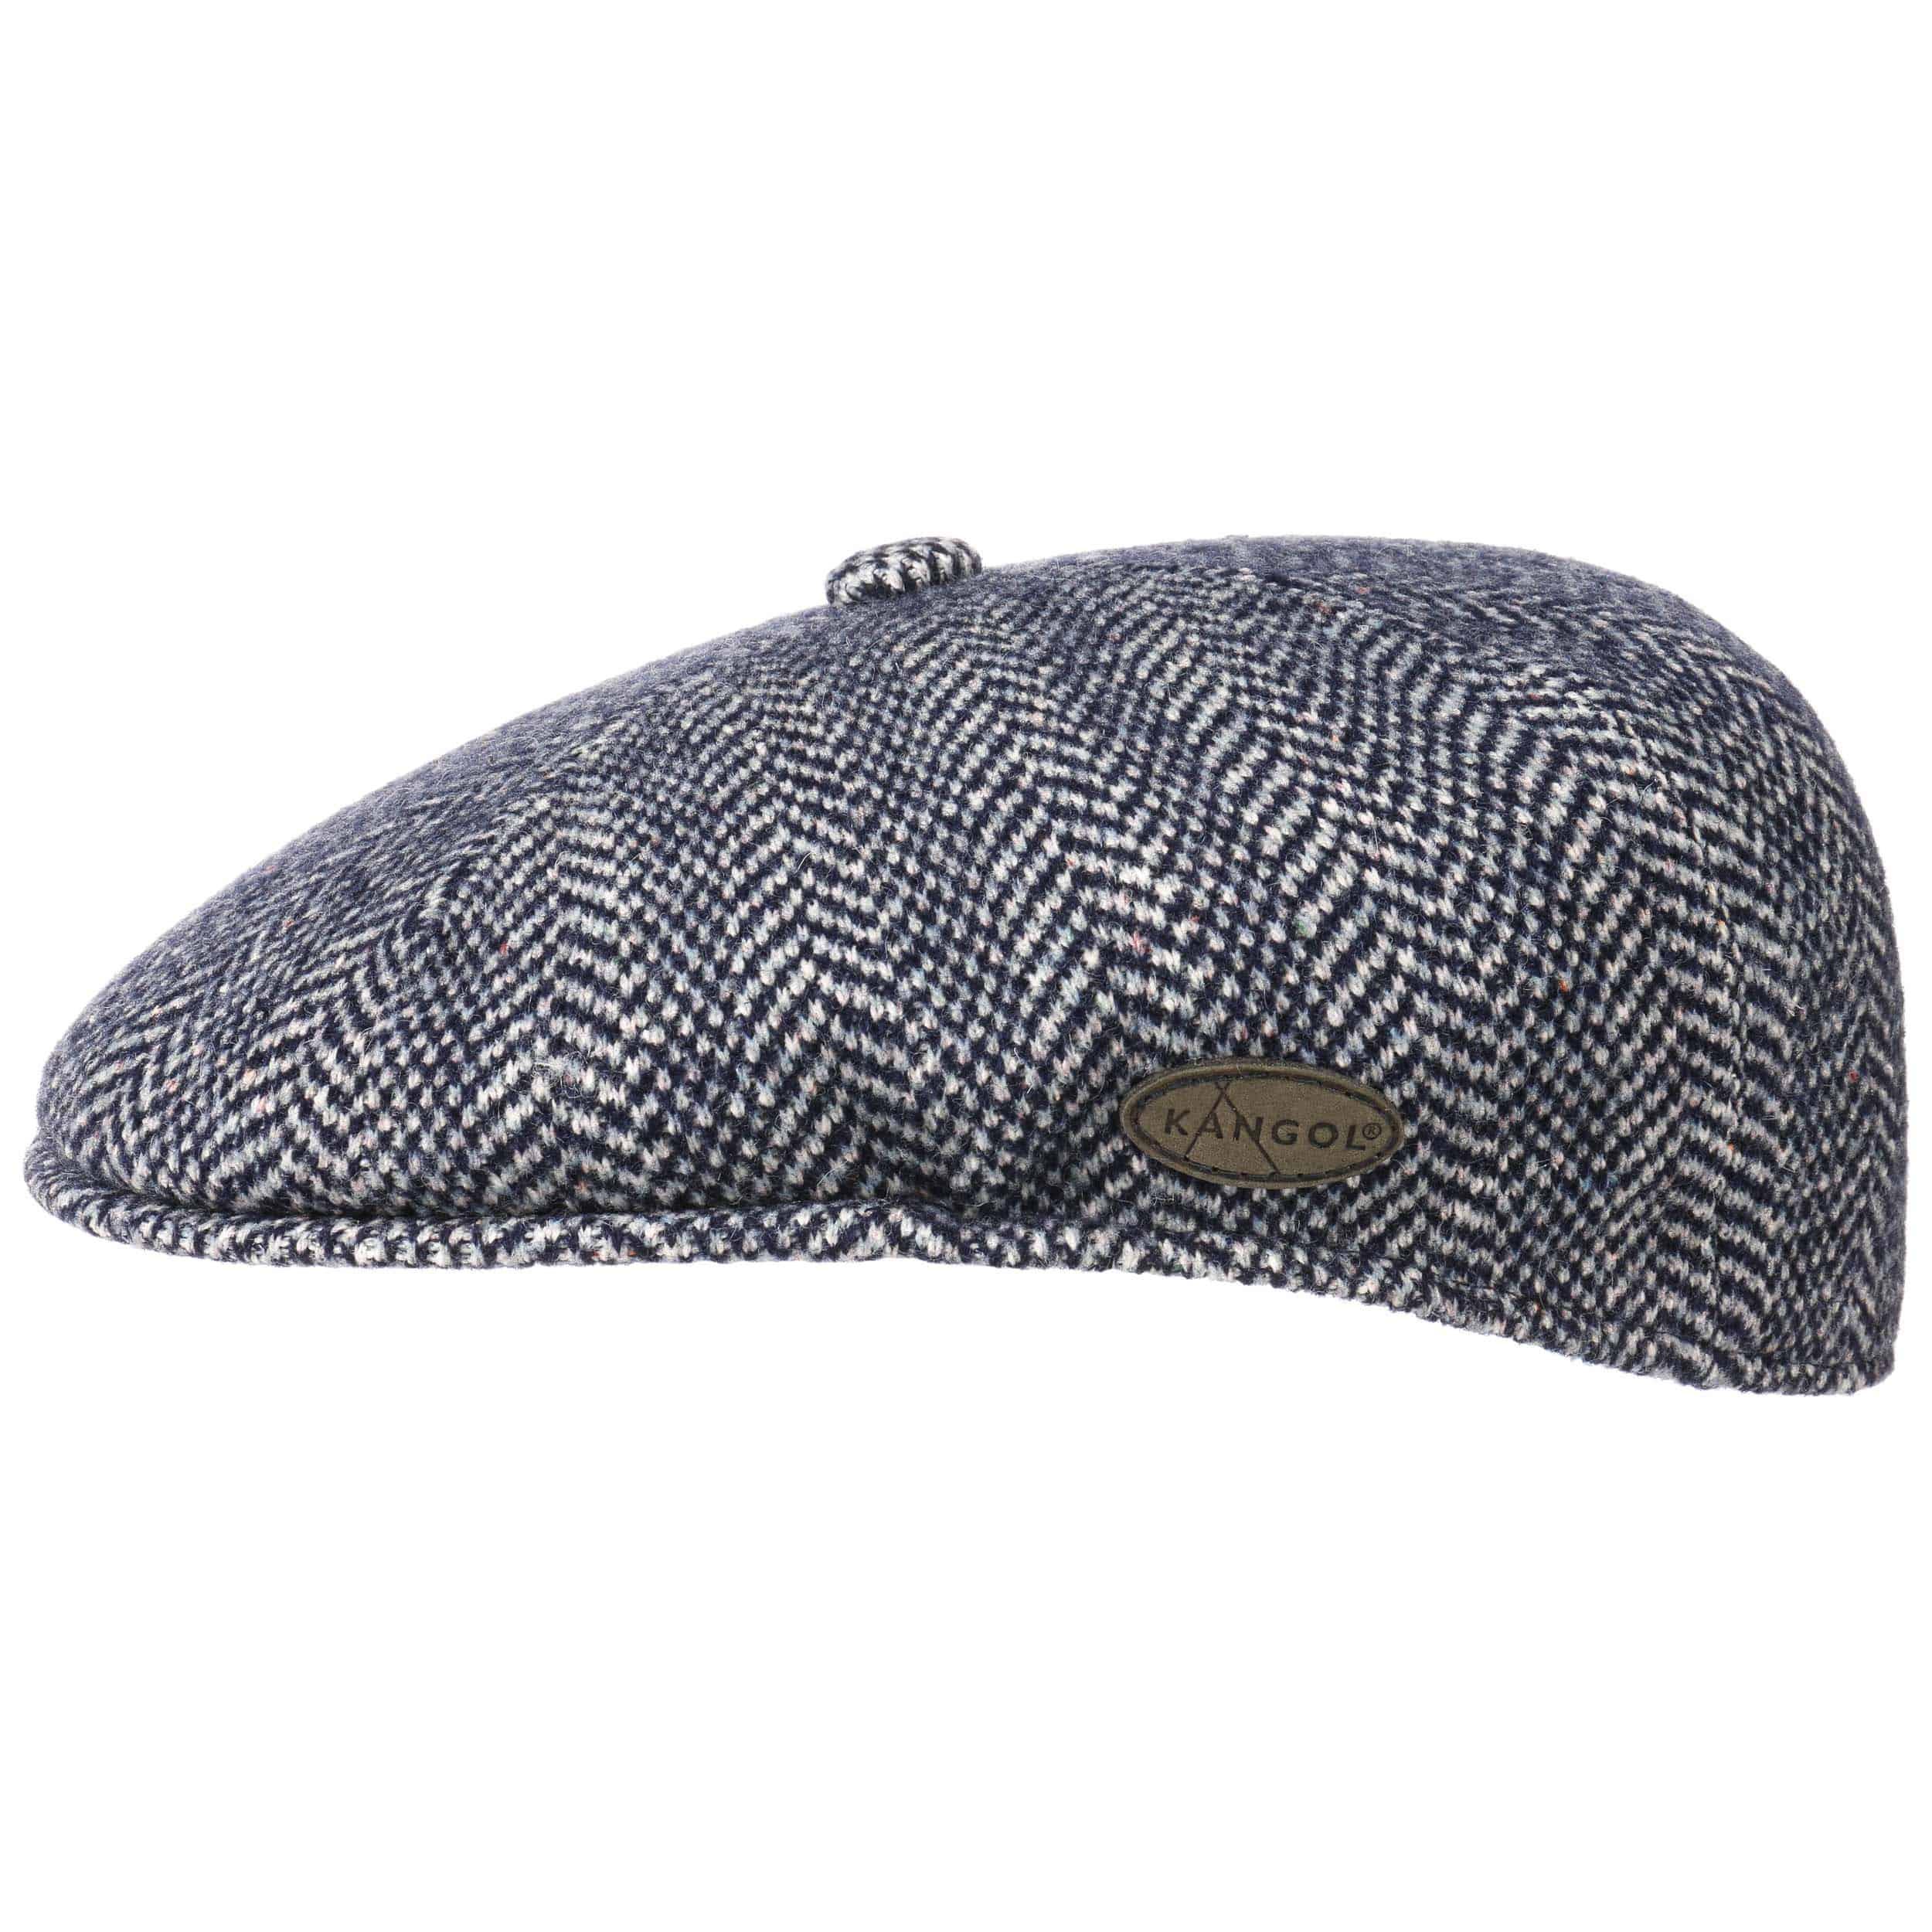 ... Kangol Herringbone 504 Flat Cap - black 6 f496f42f9f19